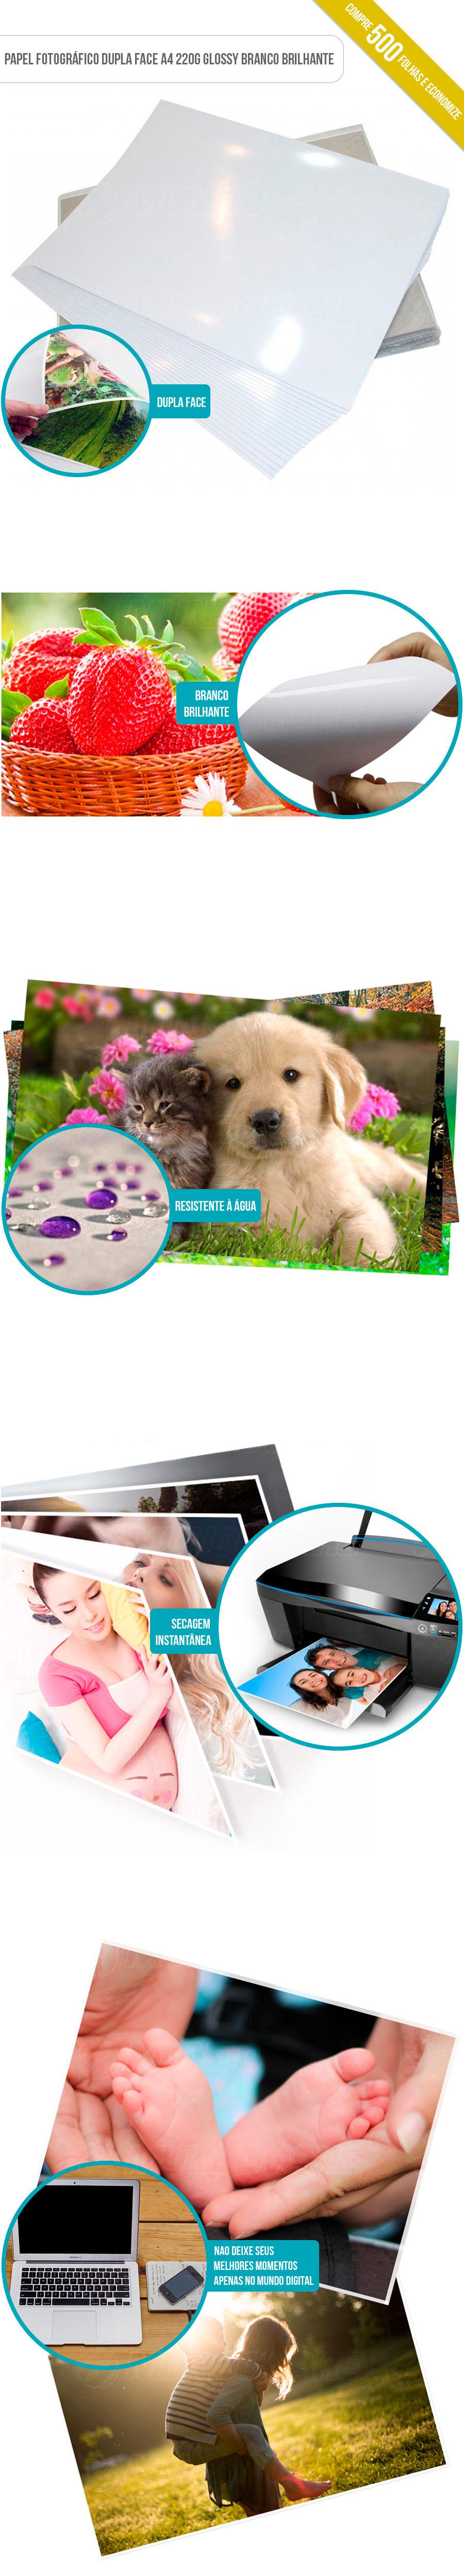 Papel Foto tamanho A4 Dupla Face 220 gramatura Glossy Branco